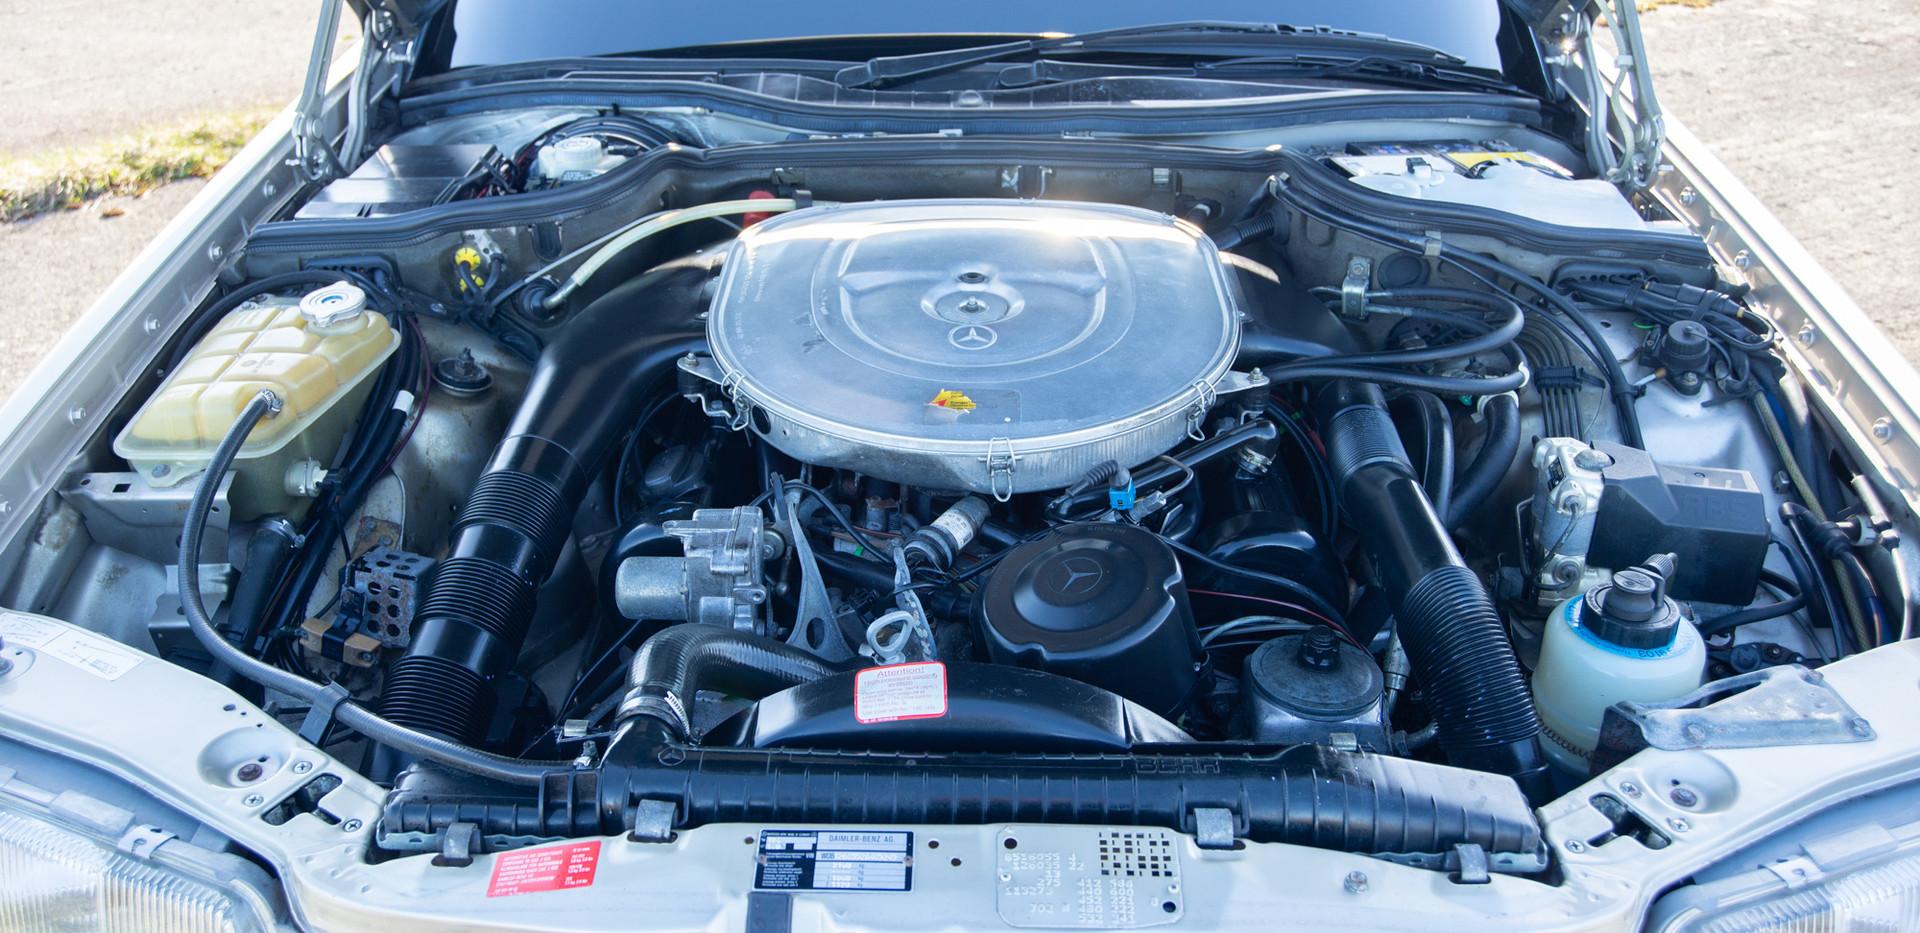 W126 420SEL E3TGW For Sale London-30.jpg